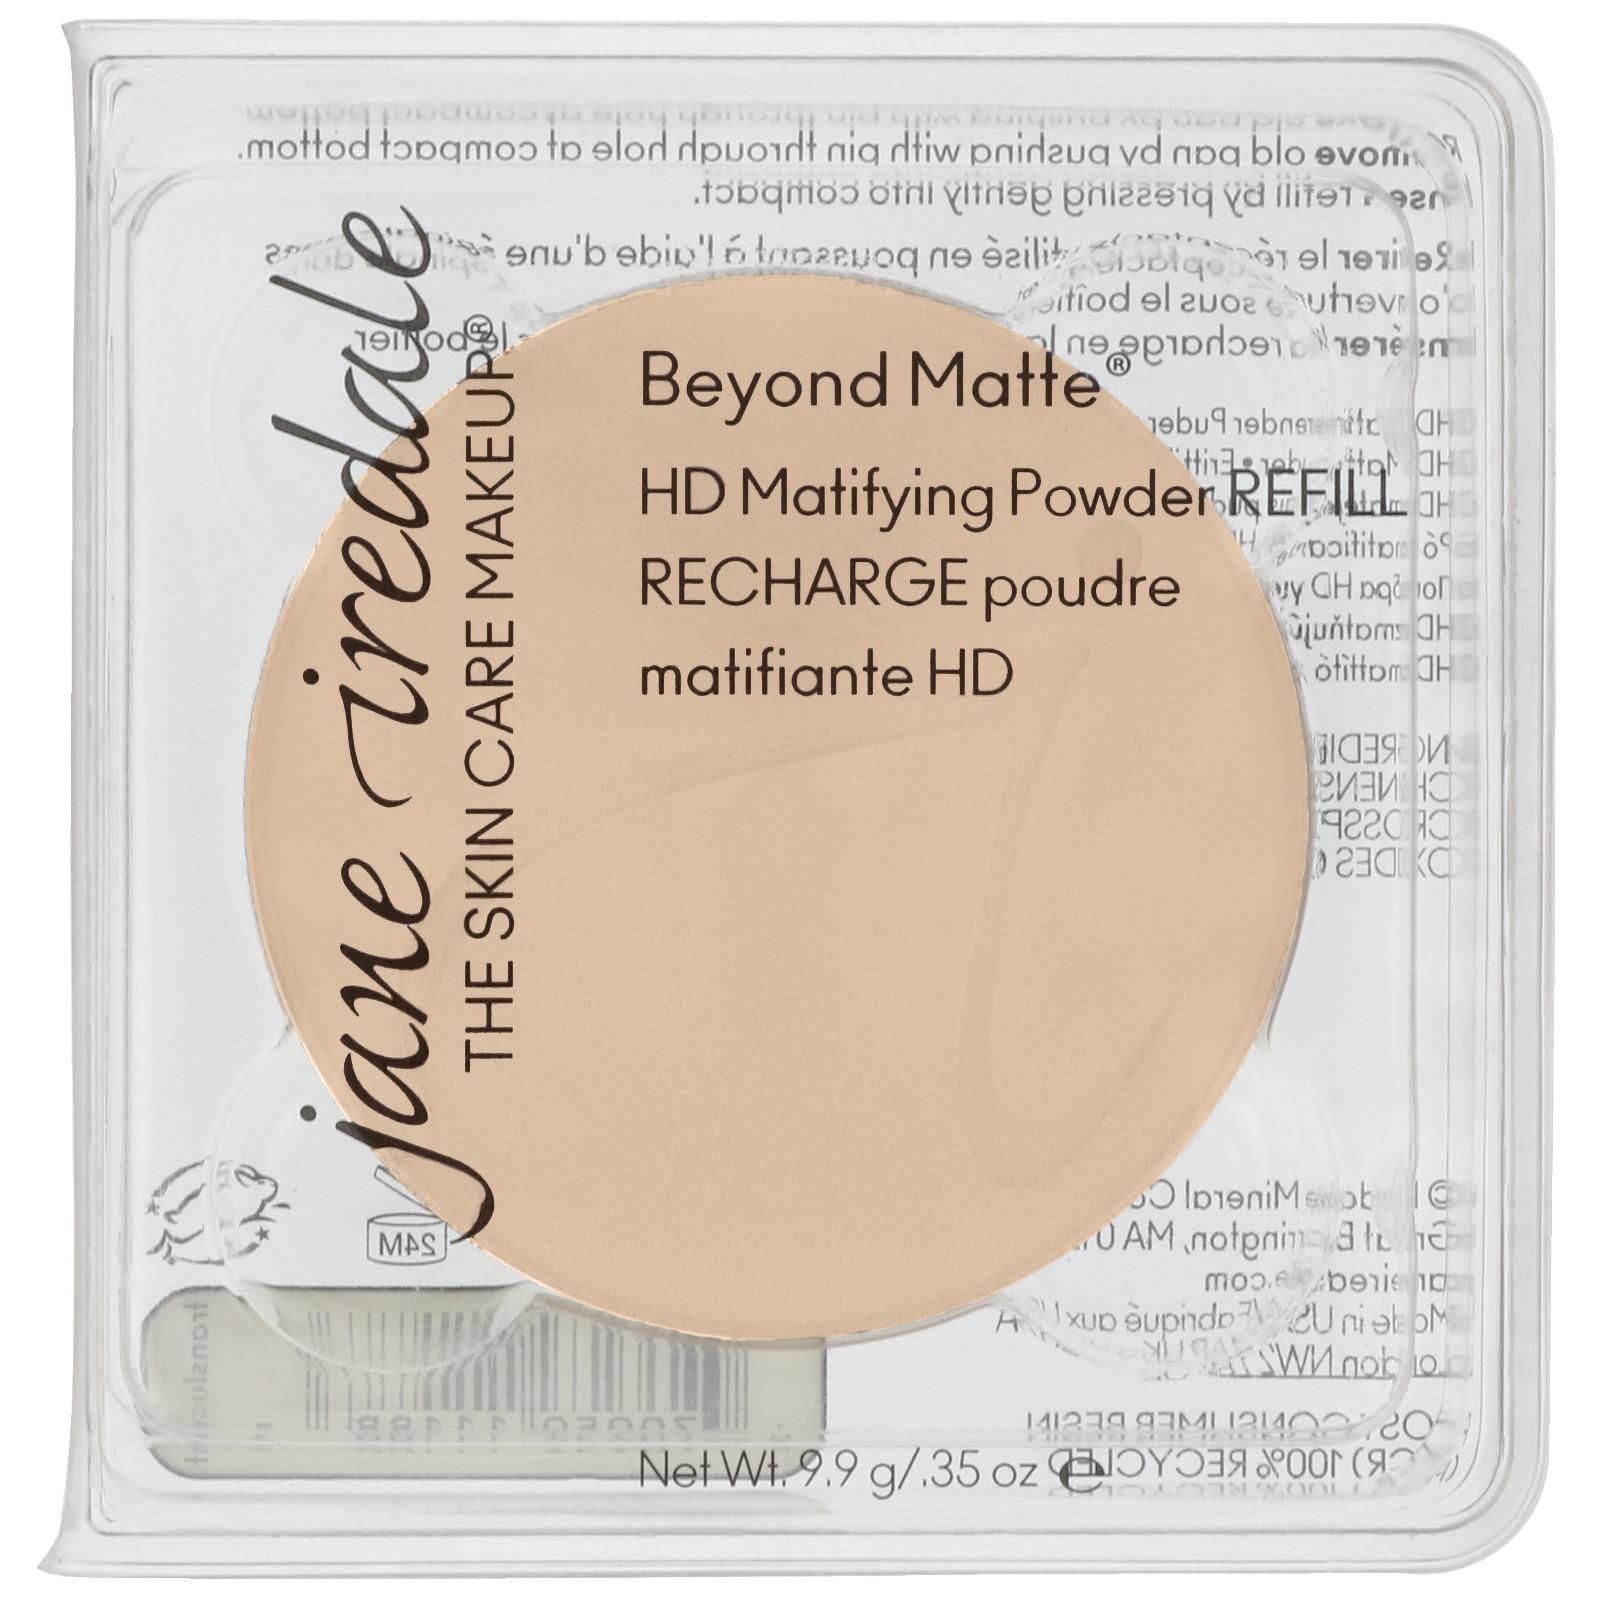 Beyond Matte Refill Translucent